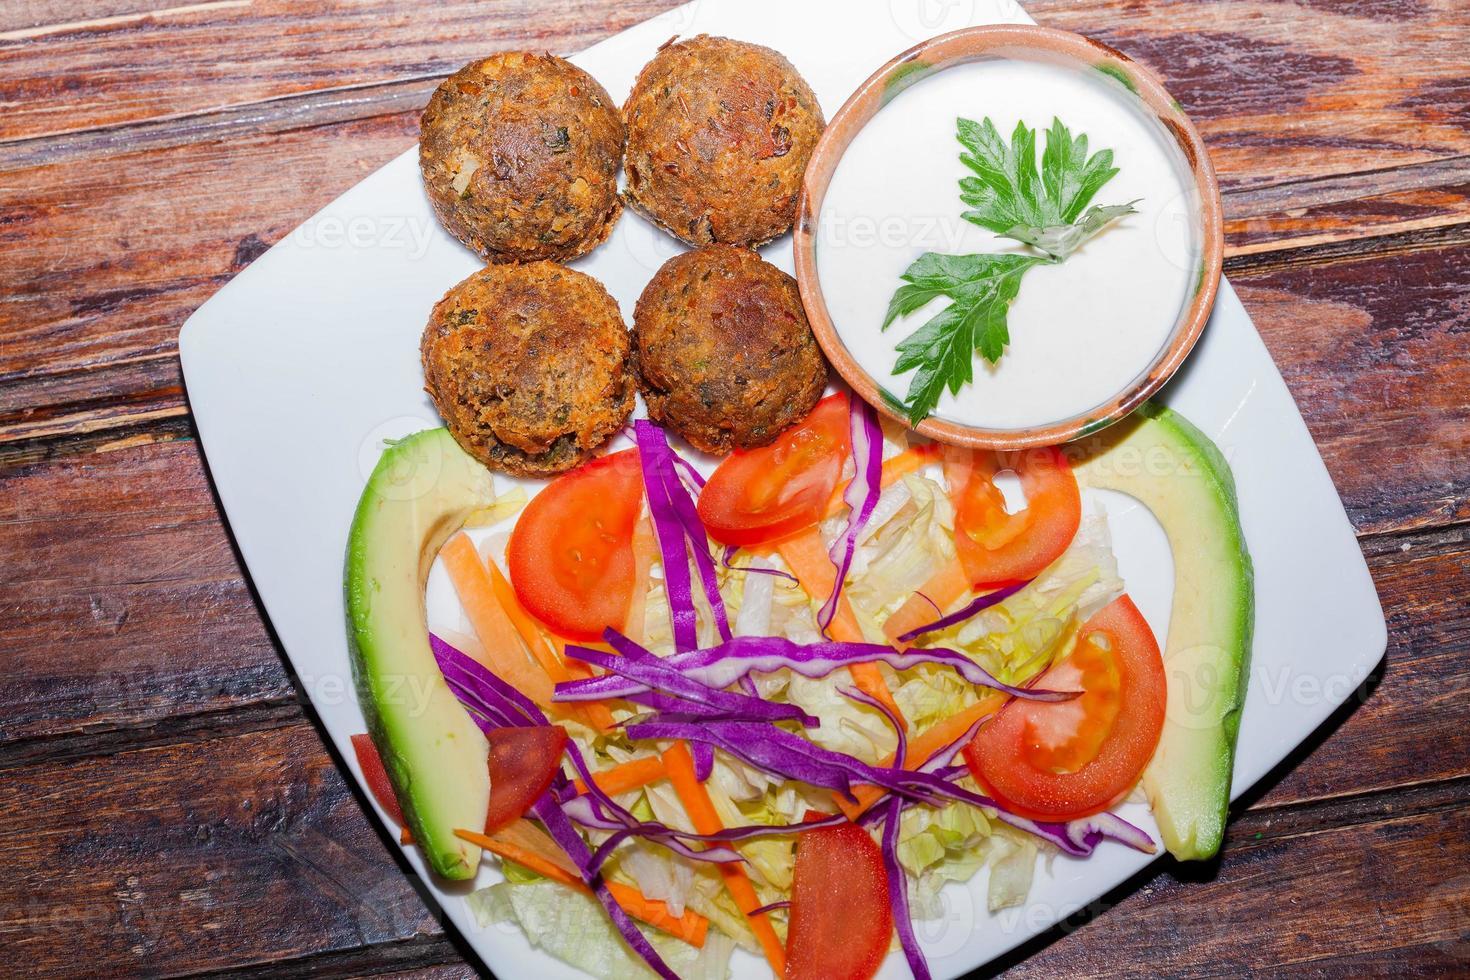 falafel una forma comune di cibo di strada foto